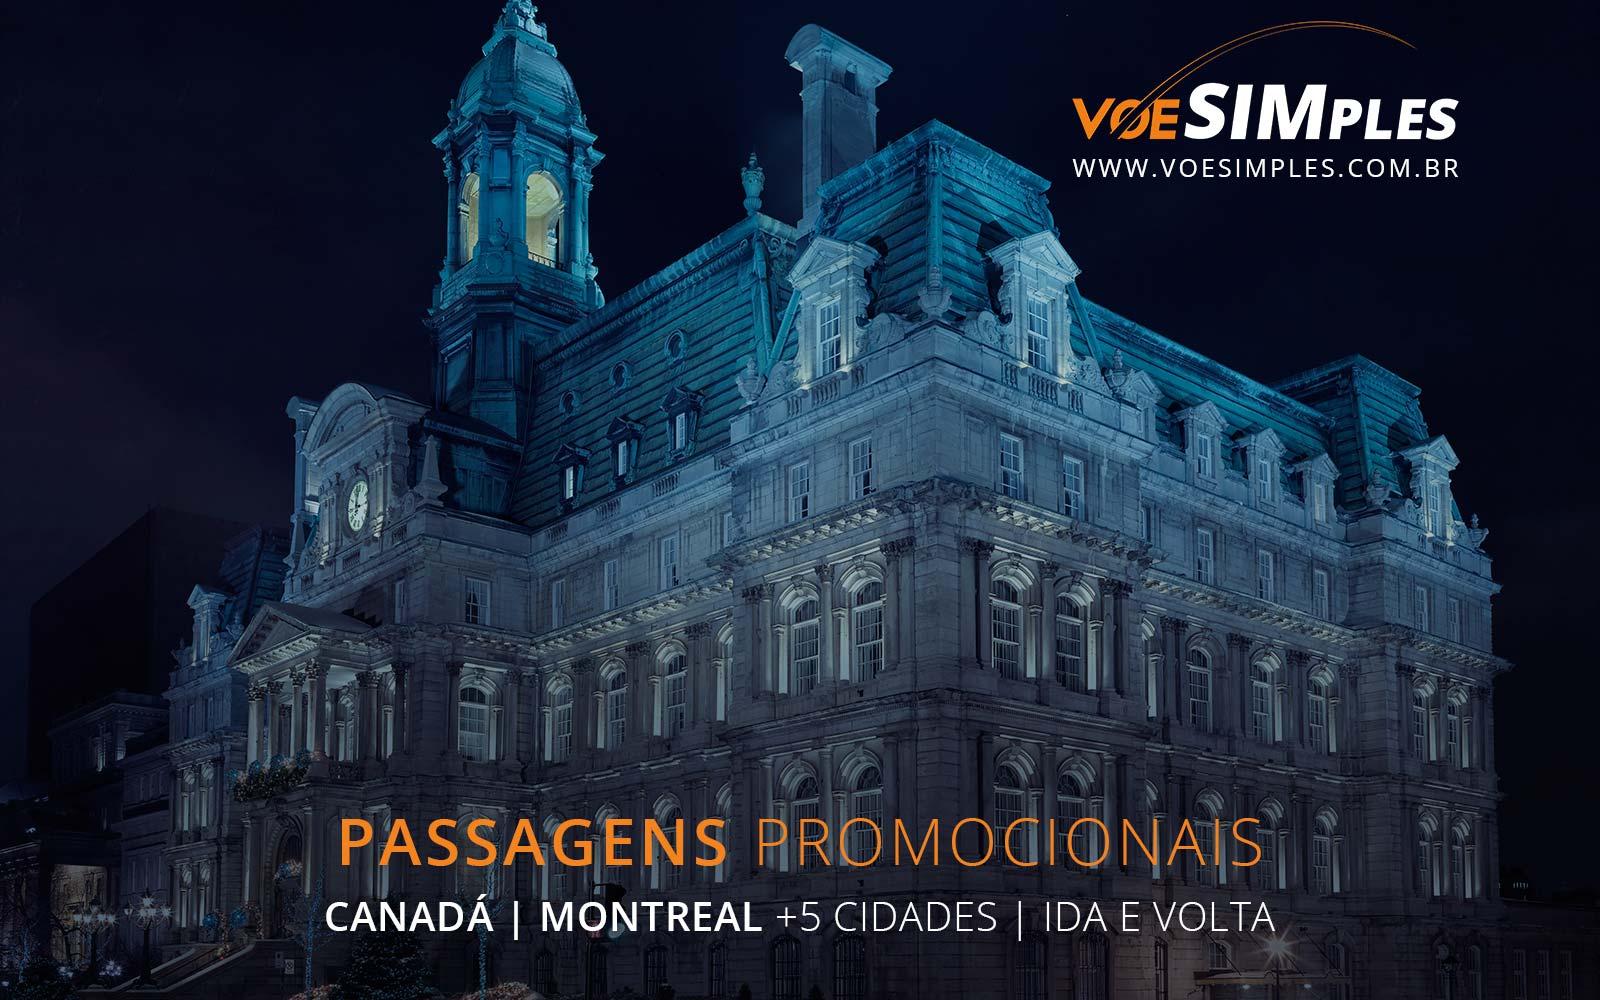 Passagens aéreas promocionais para Montreal, Vancouver, Toronto, Quebec e Ottawa no Canadá